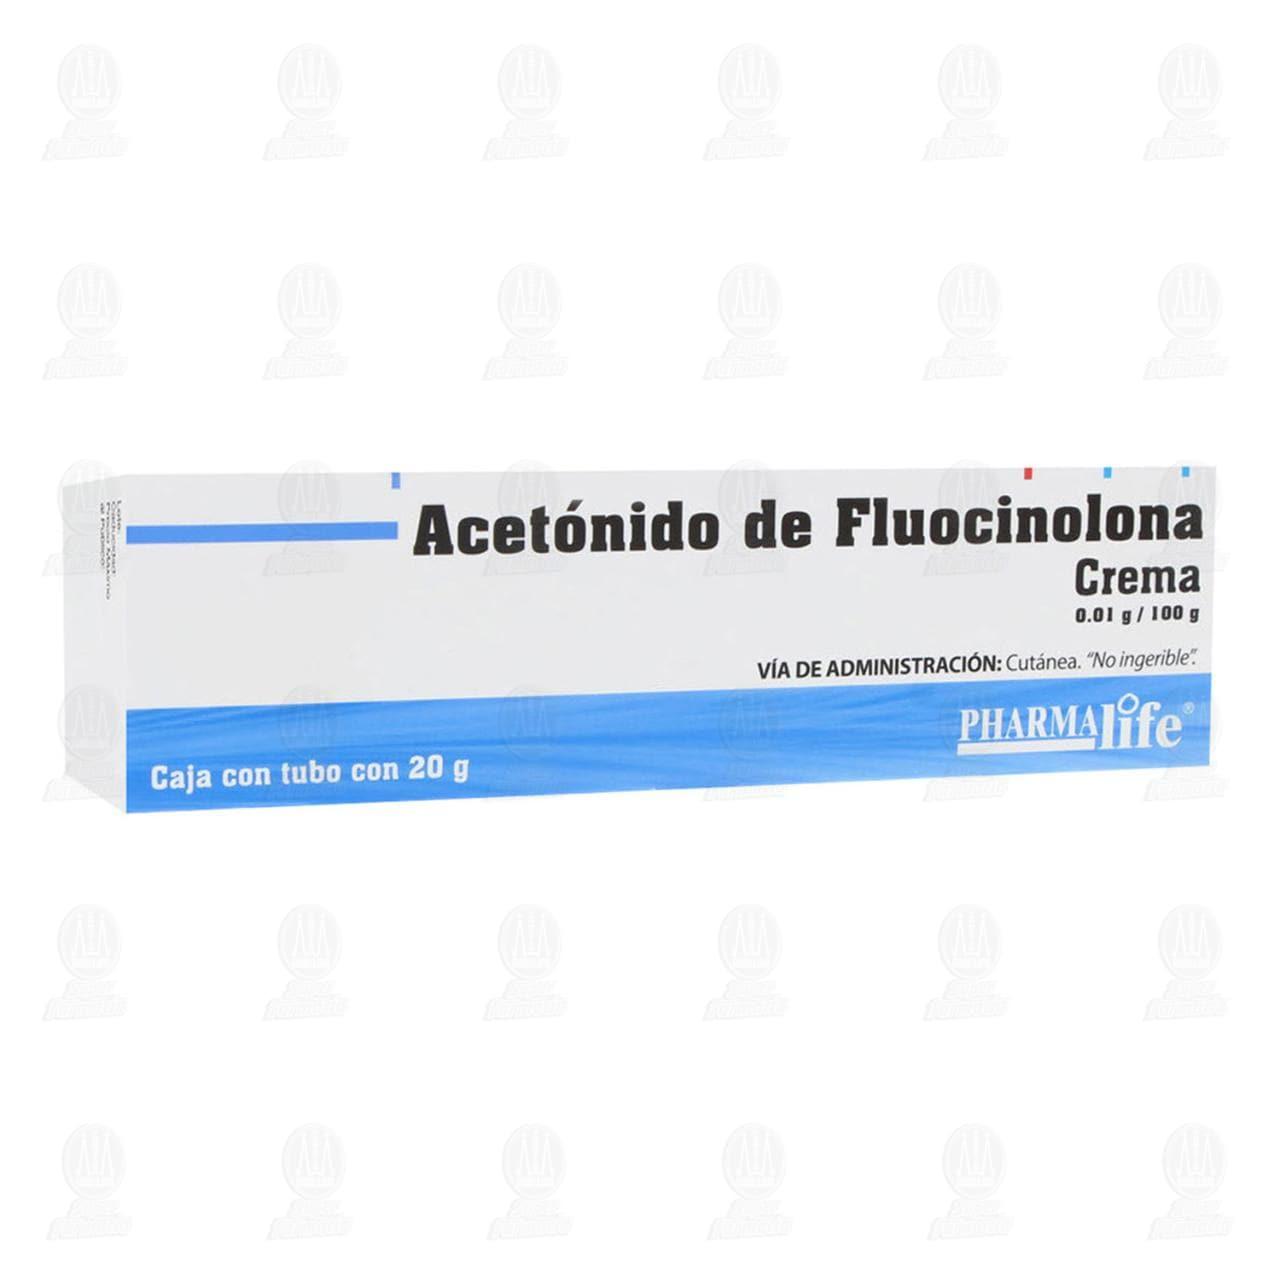 Comprar Acetónido Fluocinolona 20g Crema Pharmalife en Farmacias Guadalajara